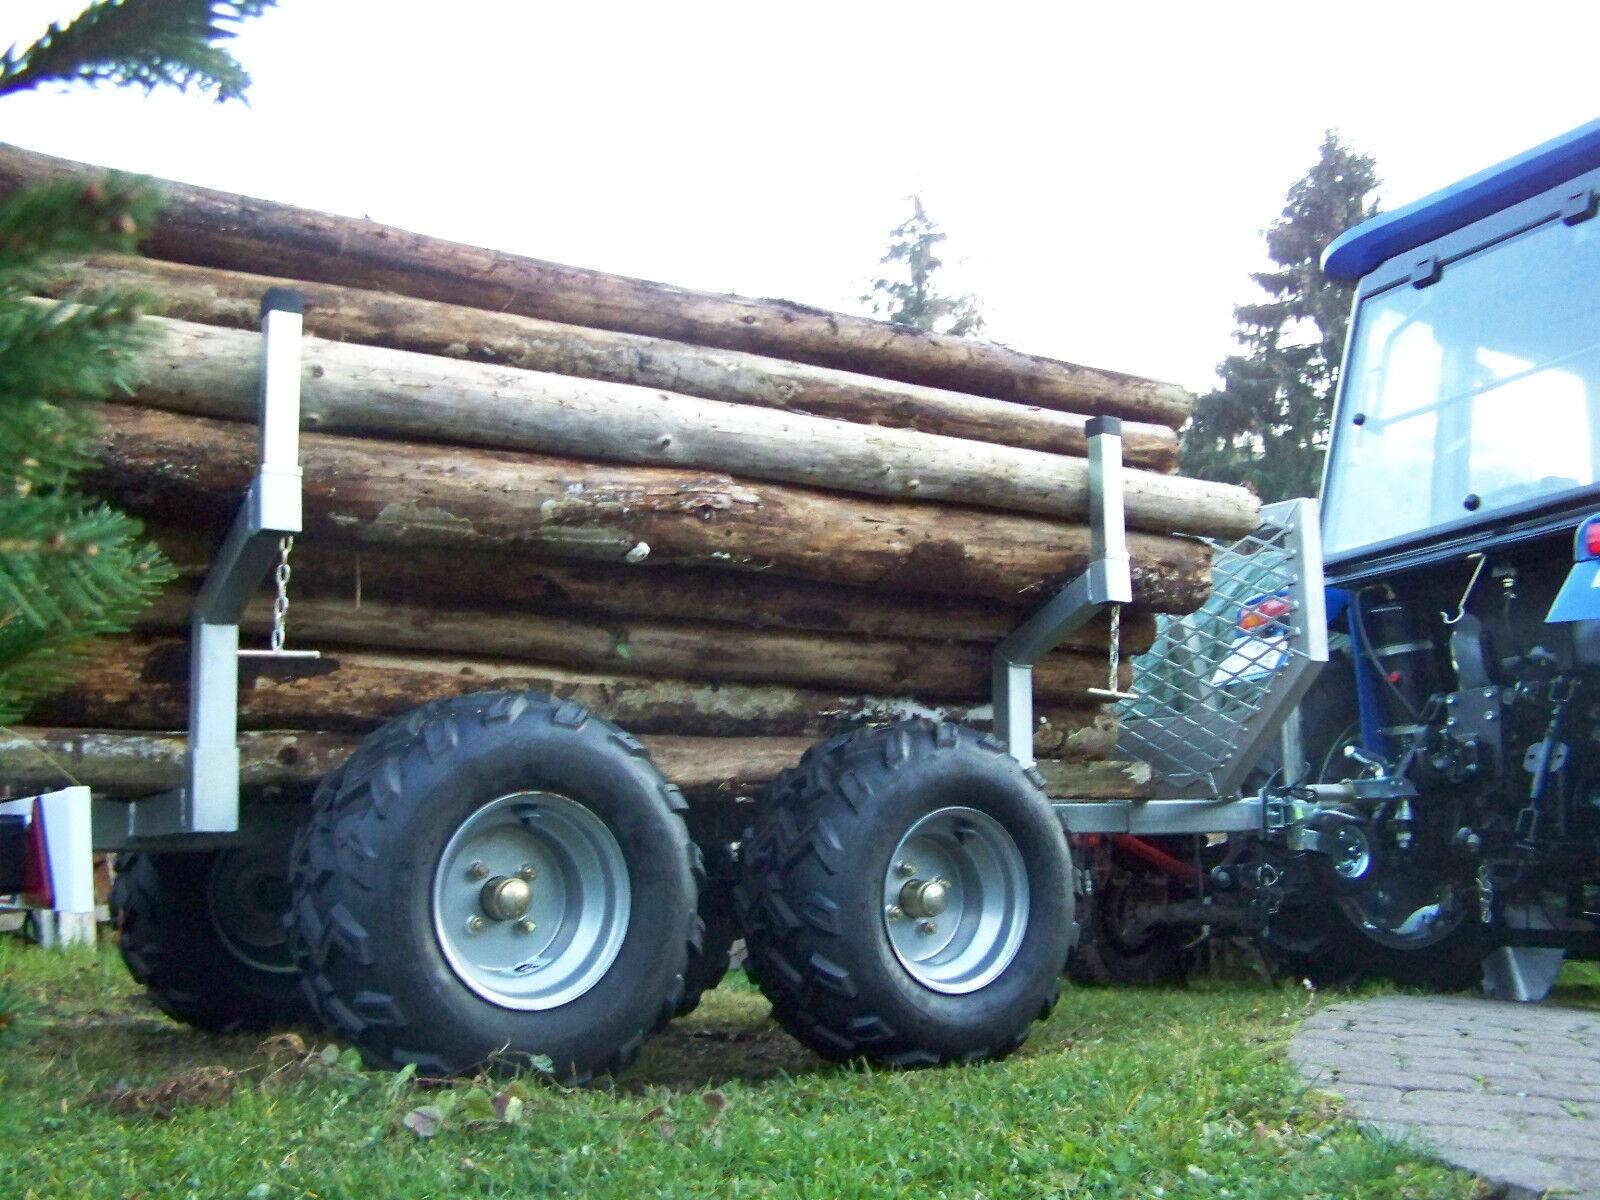 neu forst anh nger lh1200 pritsche ohne kran holz r cke wagen traktor atv eur. Black Bedroom Furniture Sets. Home Design Ideas